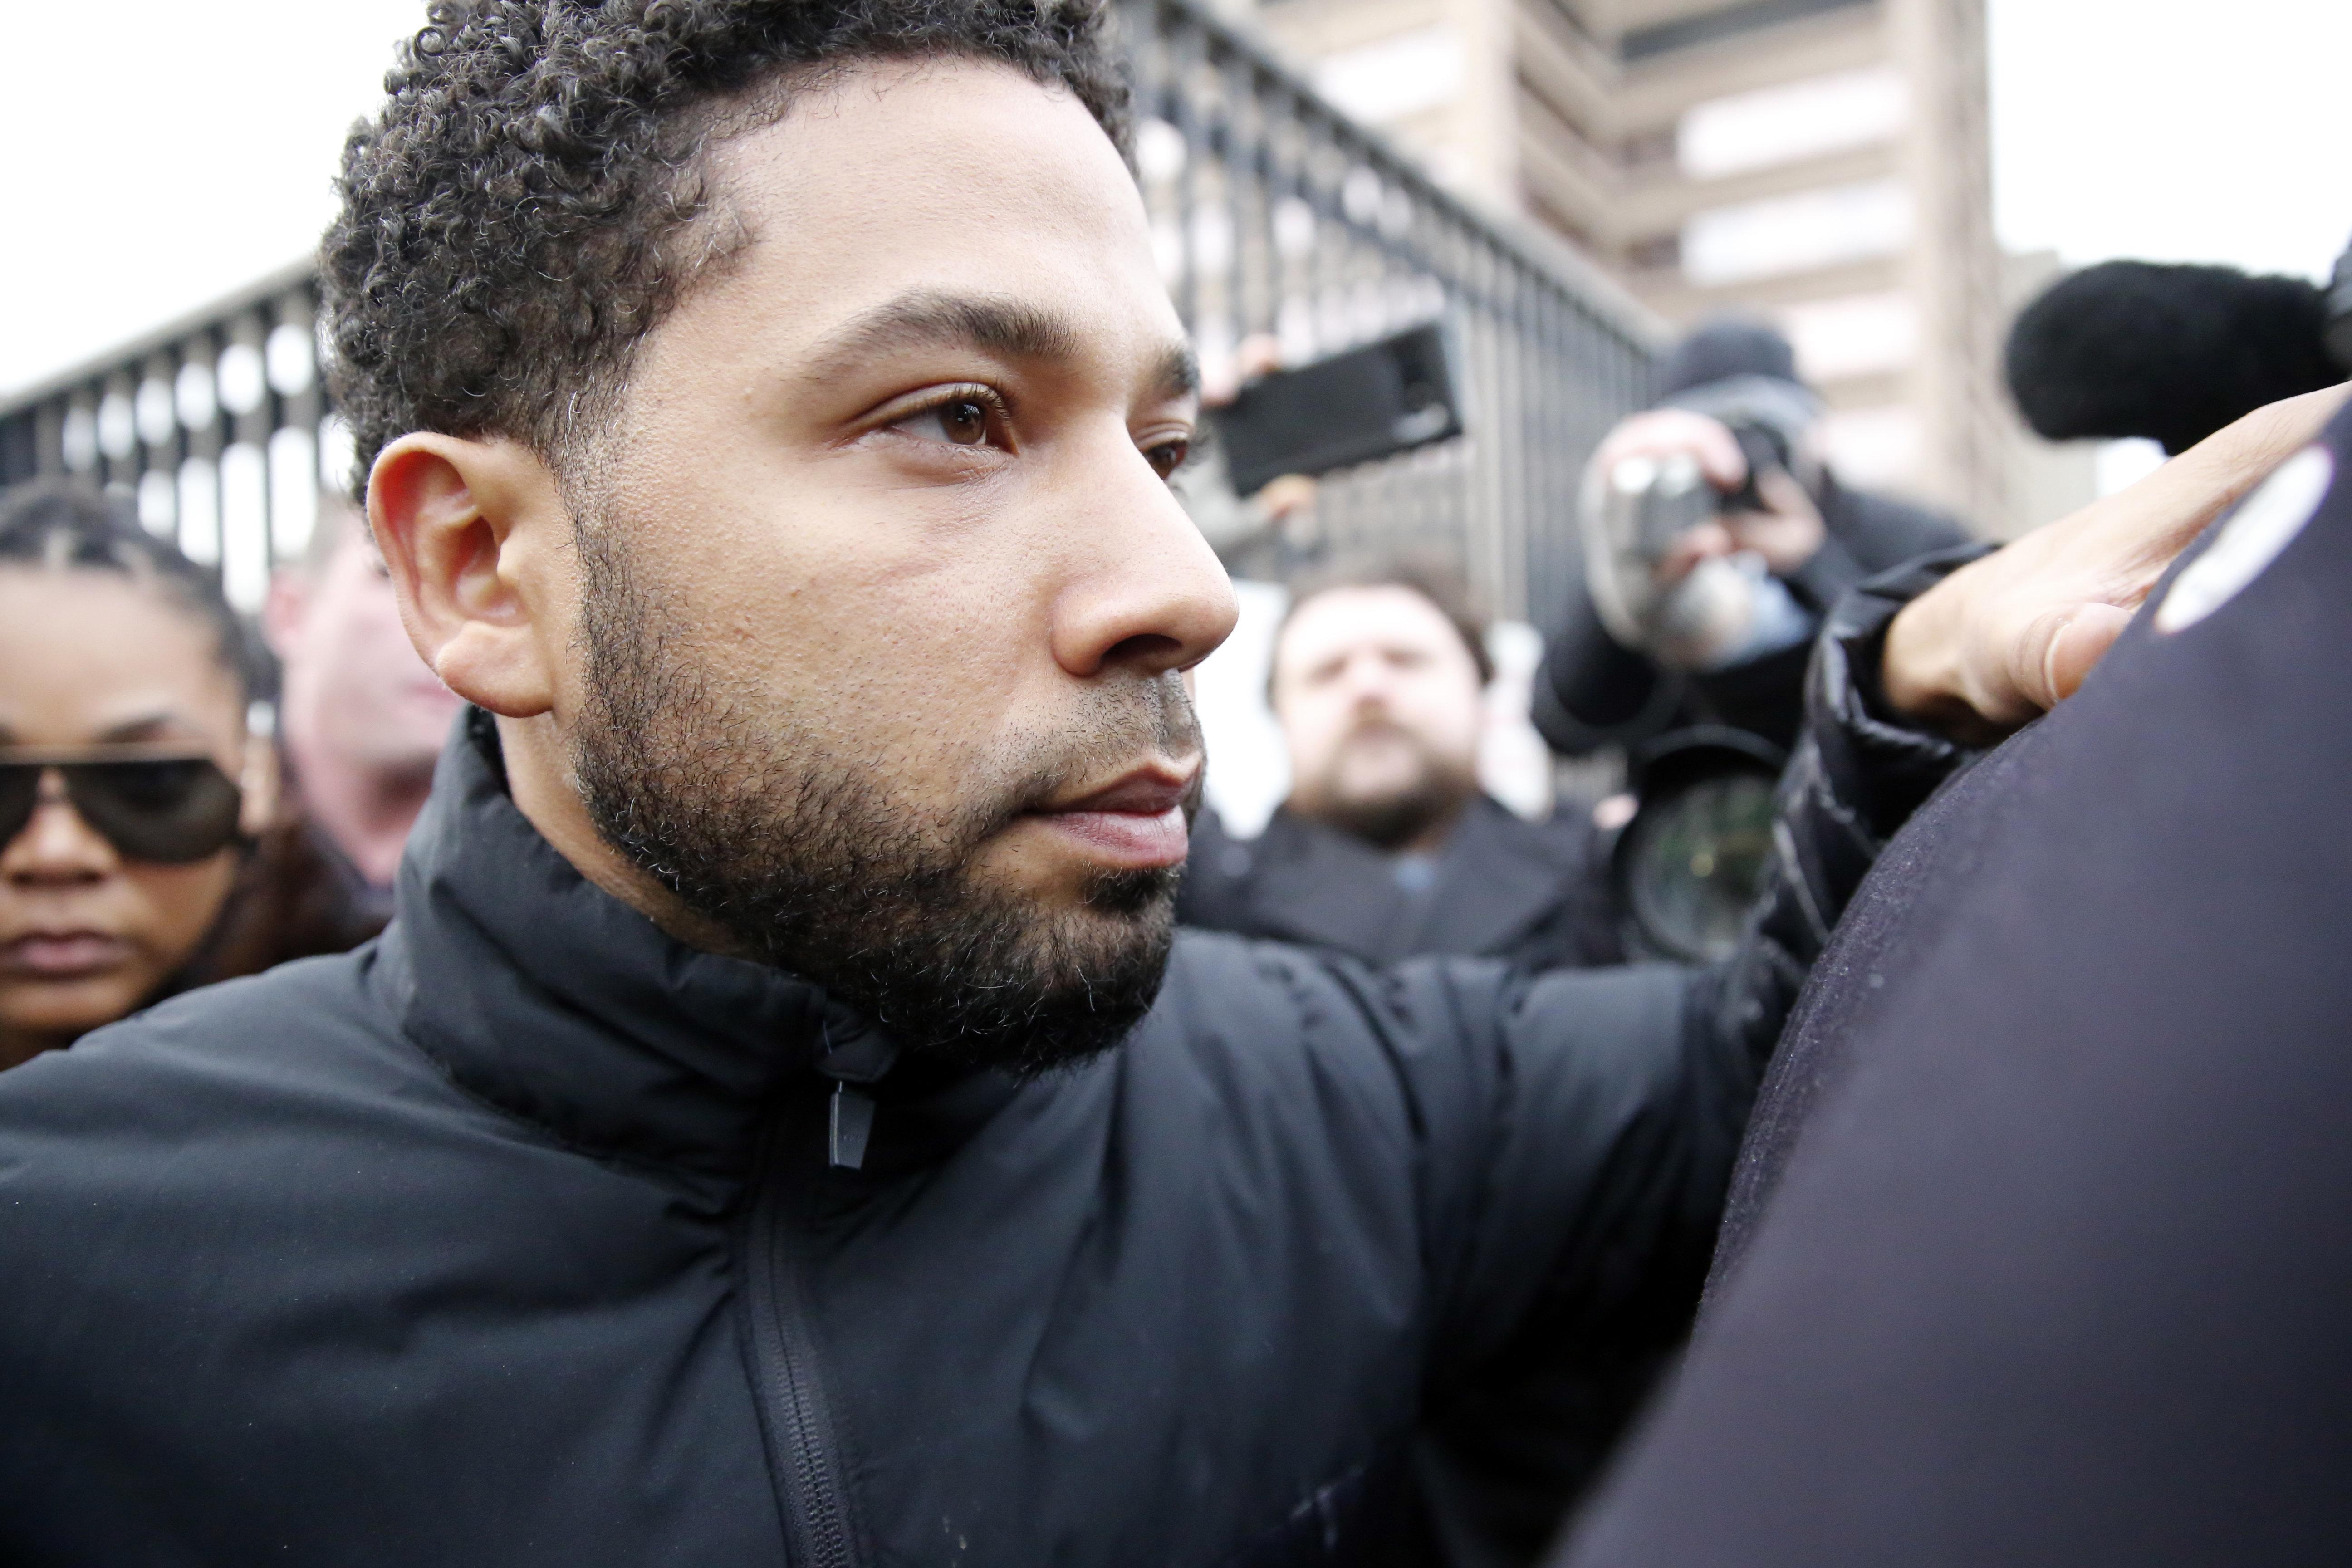 米人気俳優が被害を訴えていた差別暴力事件⇨実は自作自演だった。動機は「給料に不満」